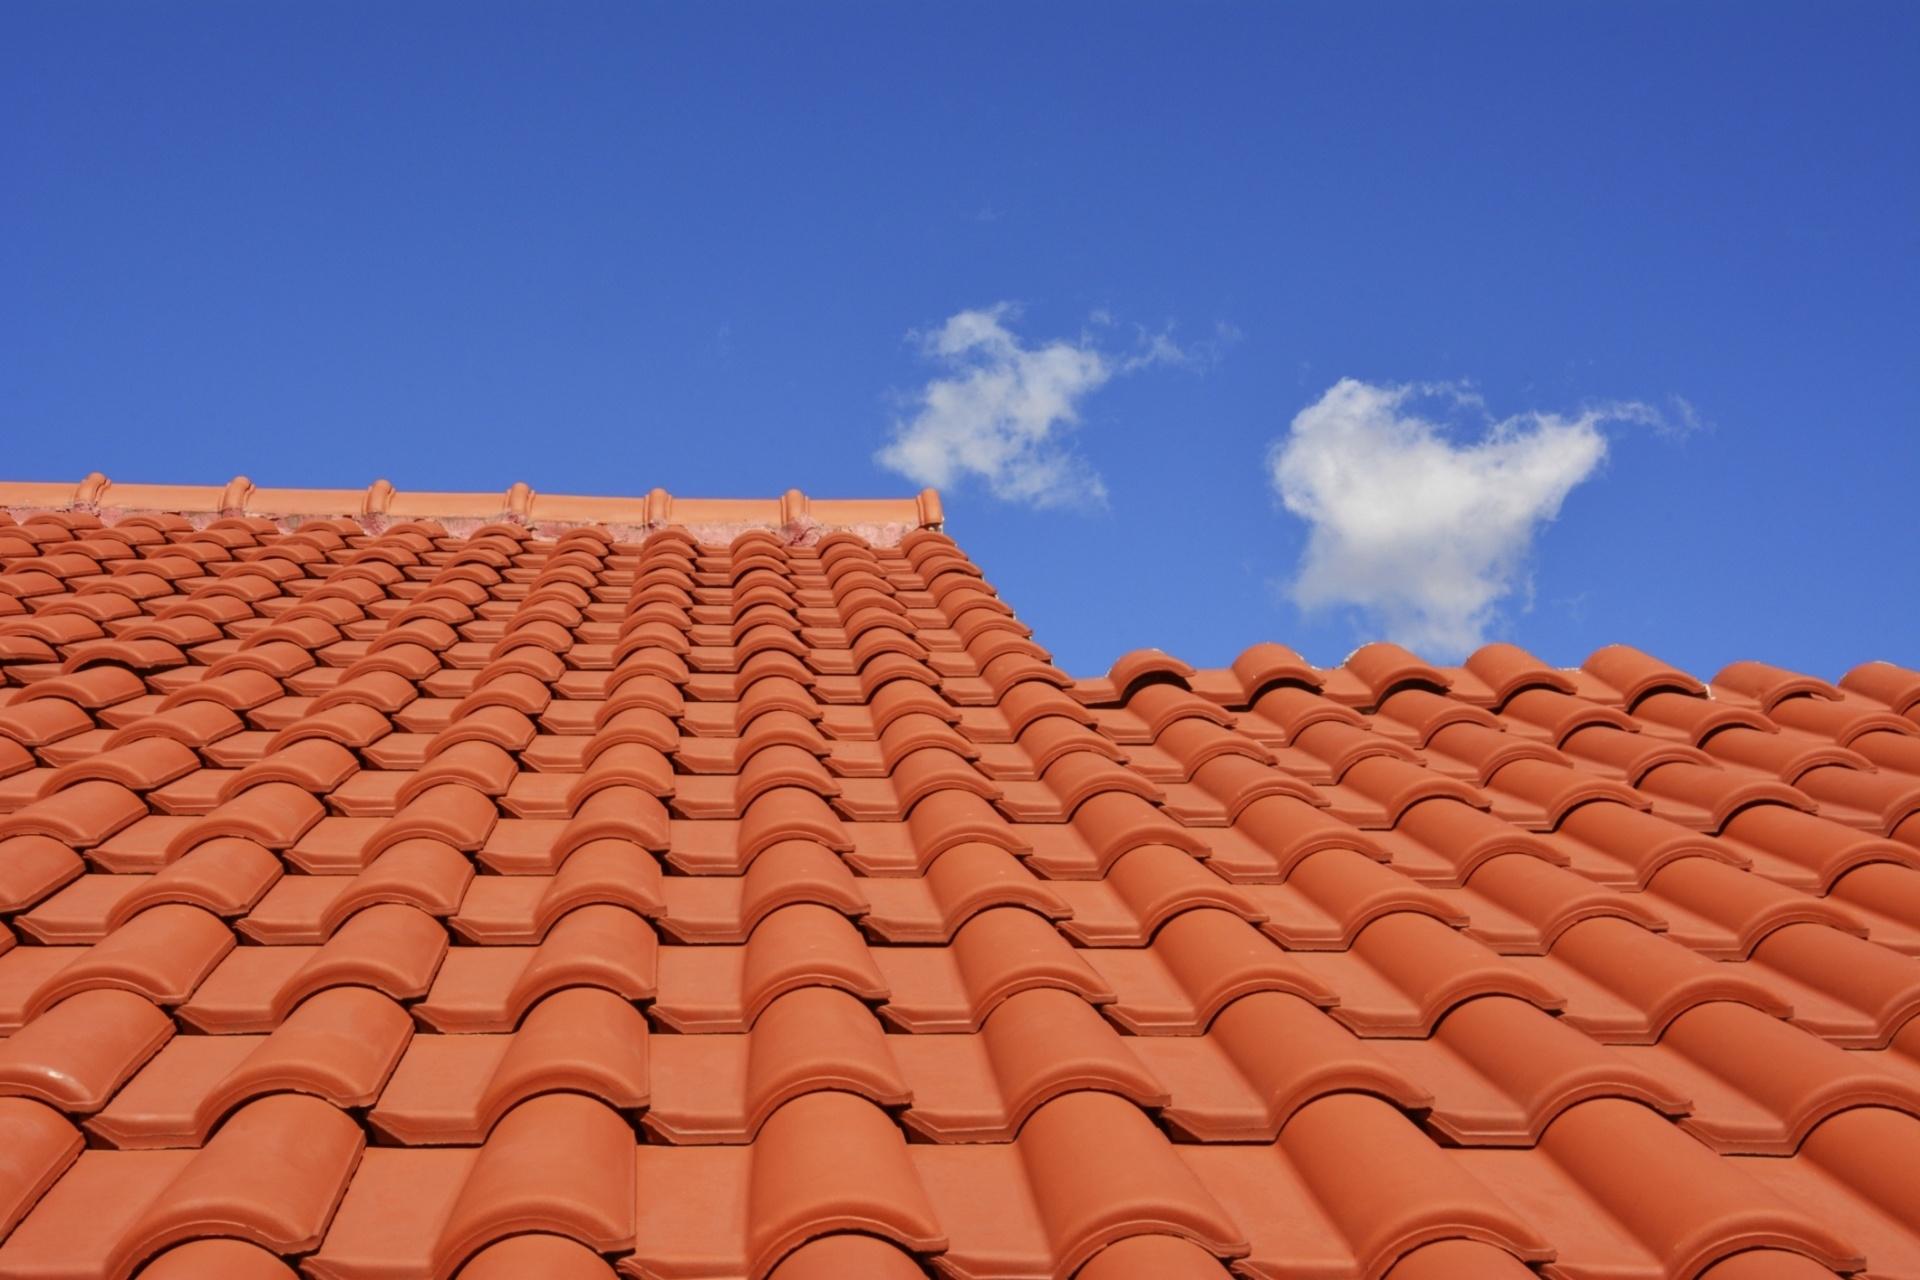 Telhas cerâmicas - As telhas de menor tamanho como as feitas de cerâmica são comumente usadas em telhados de construções residenciais